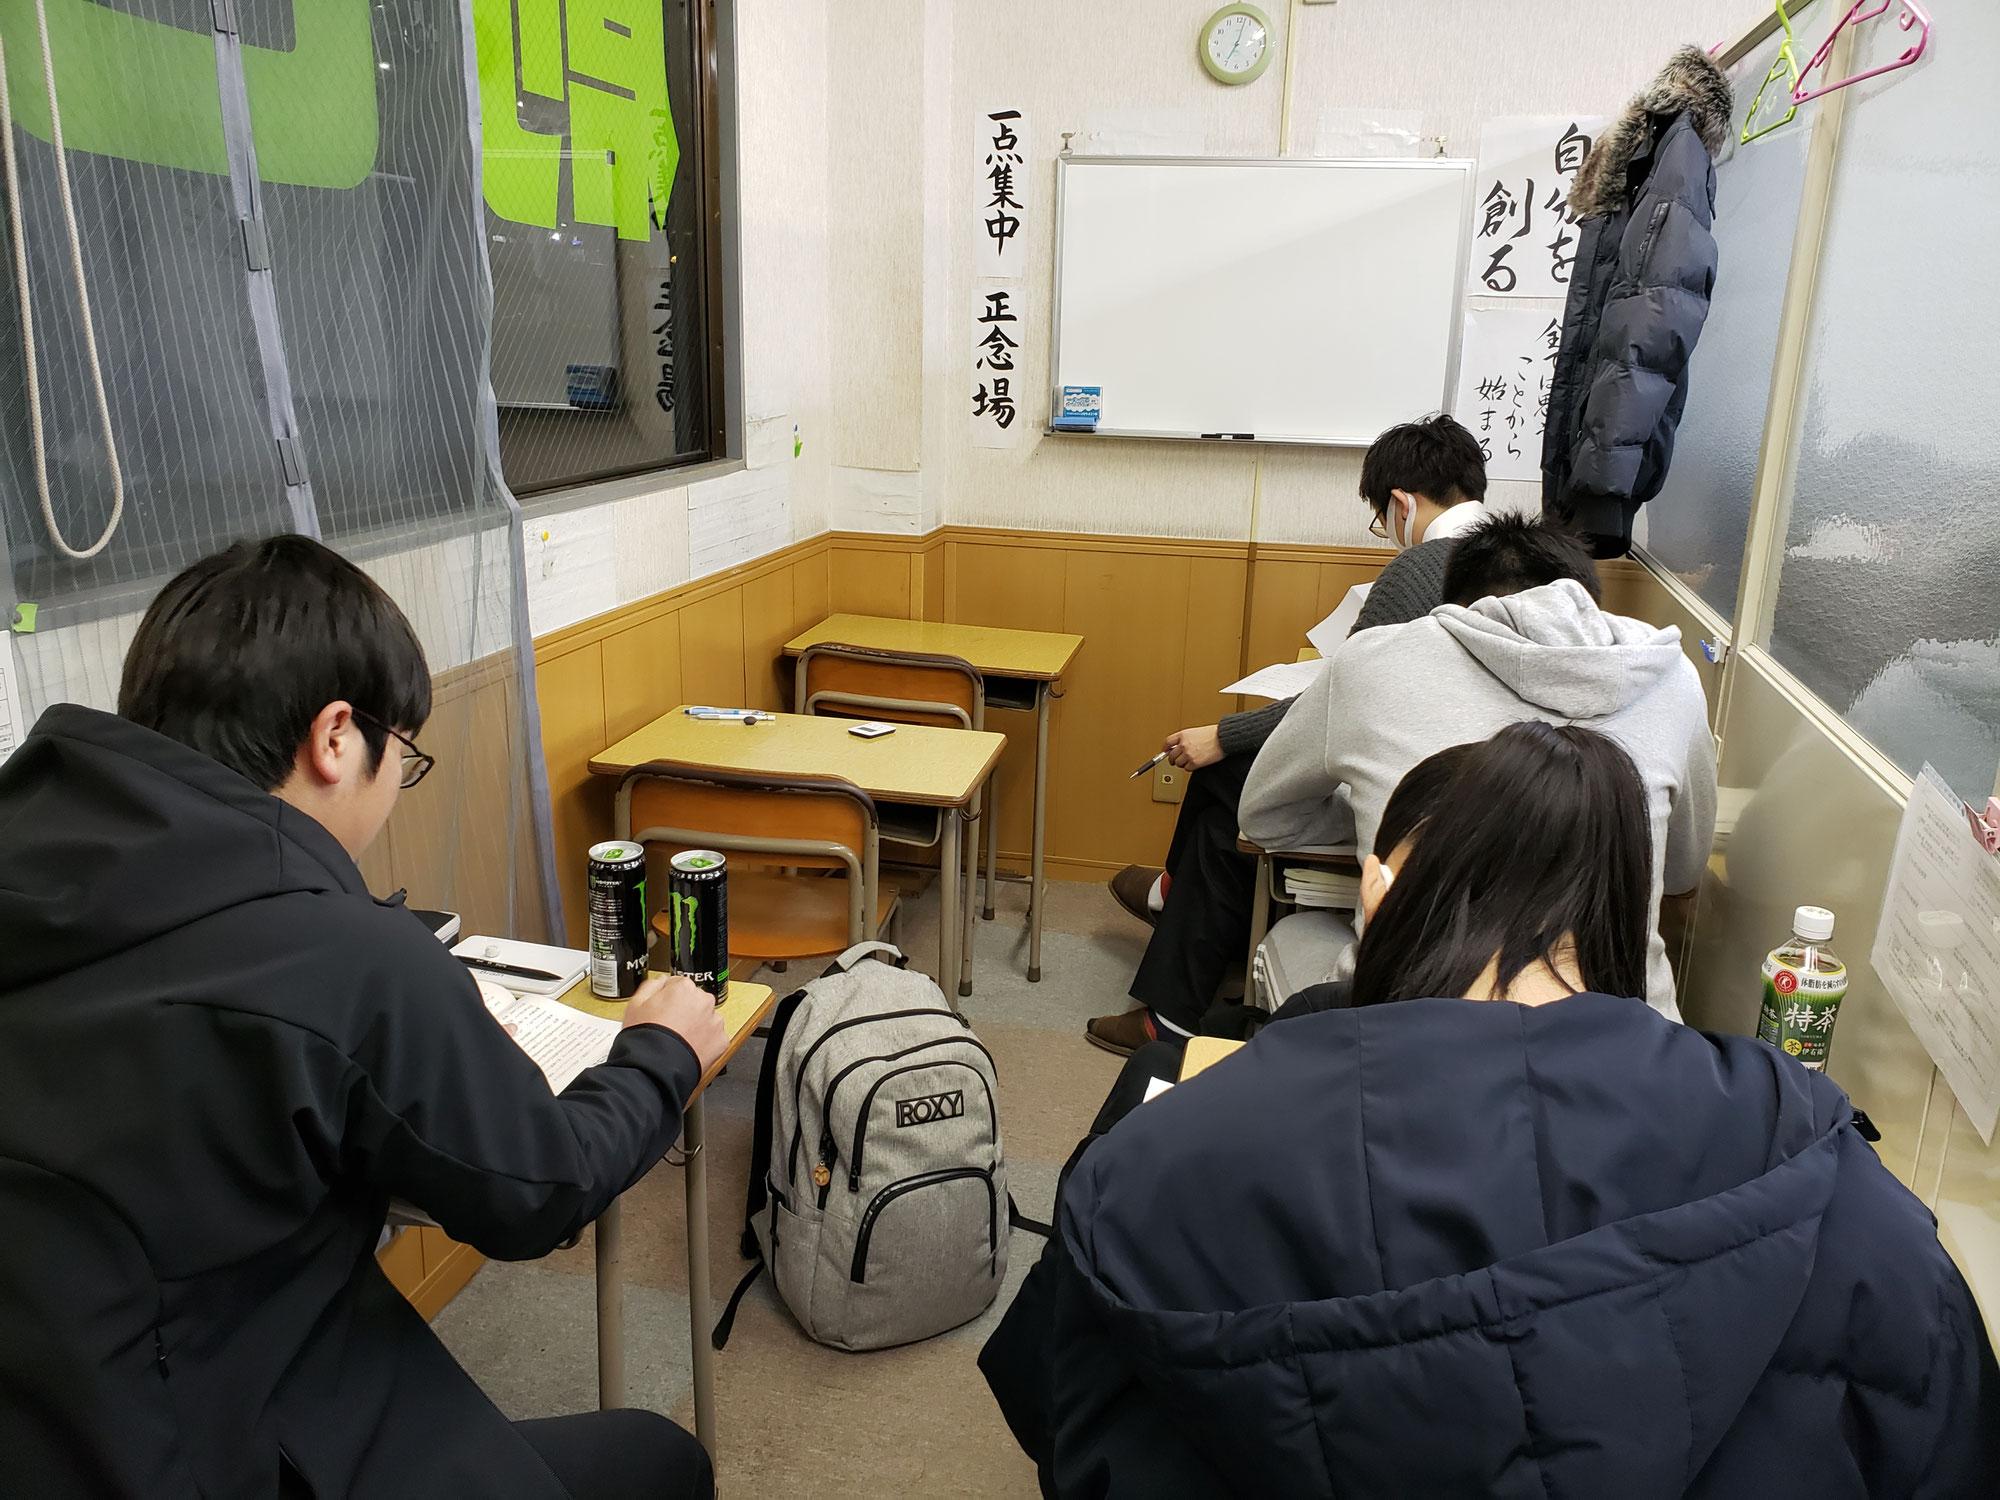 学年末テスト勉強、みんな頑張って(^_^)